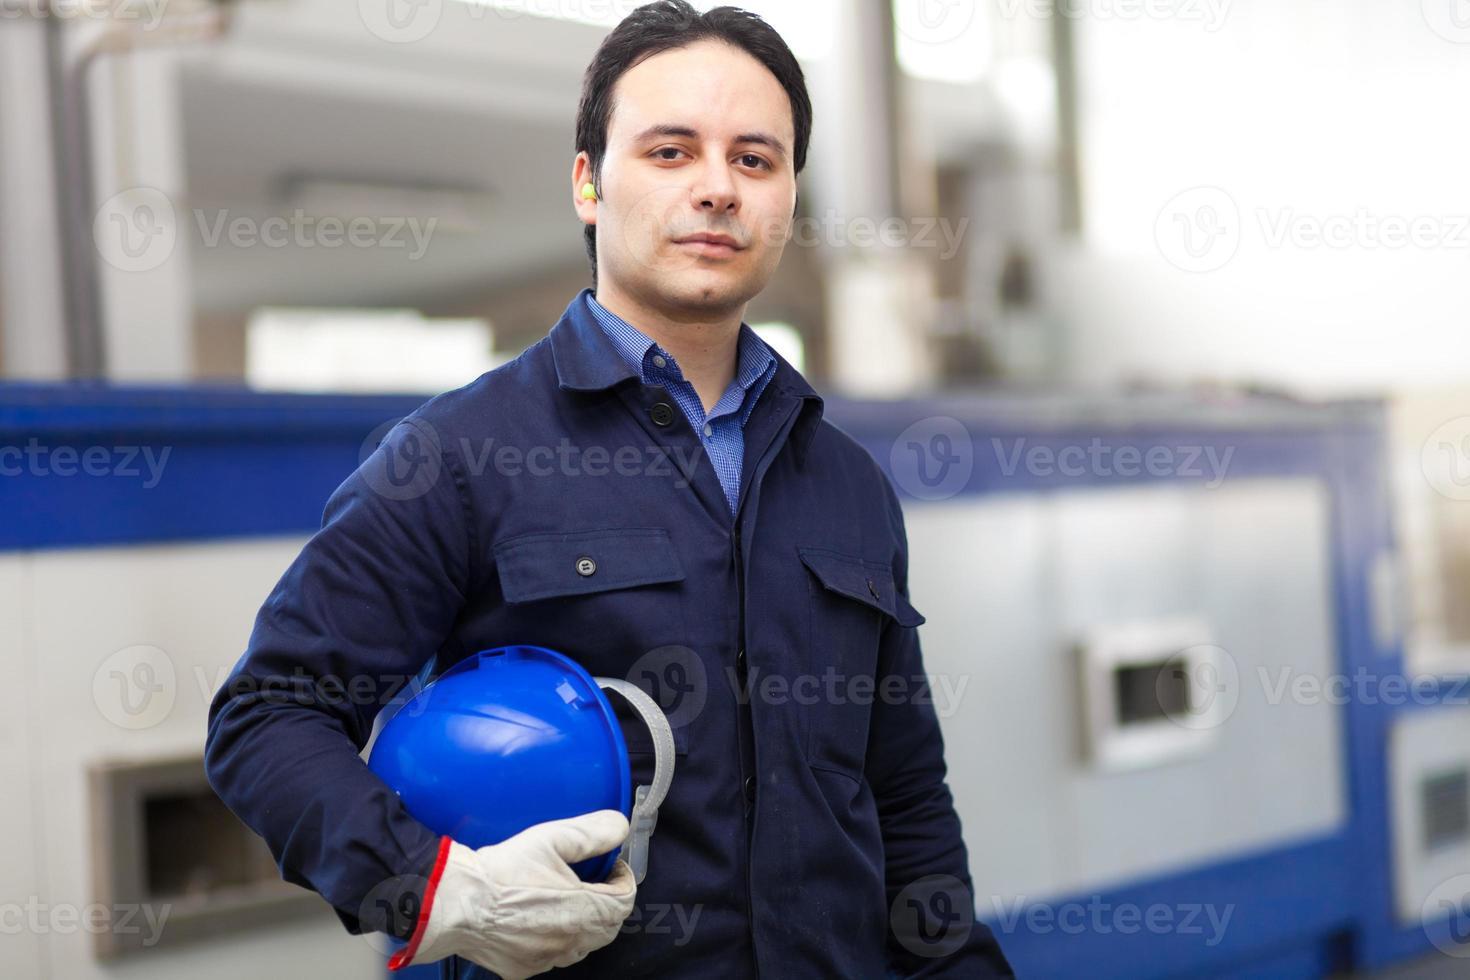 arbetare porträtt foto